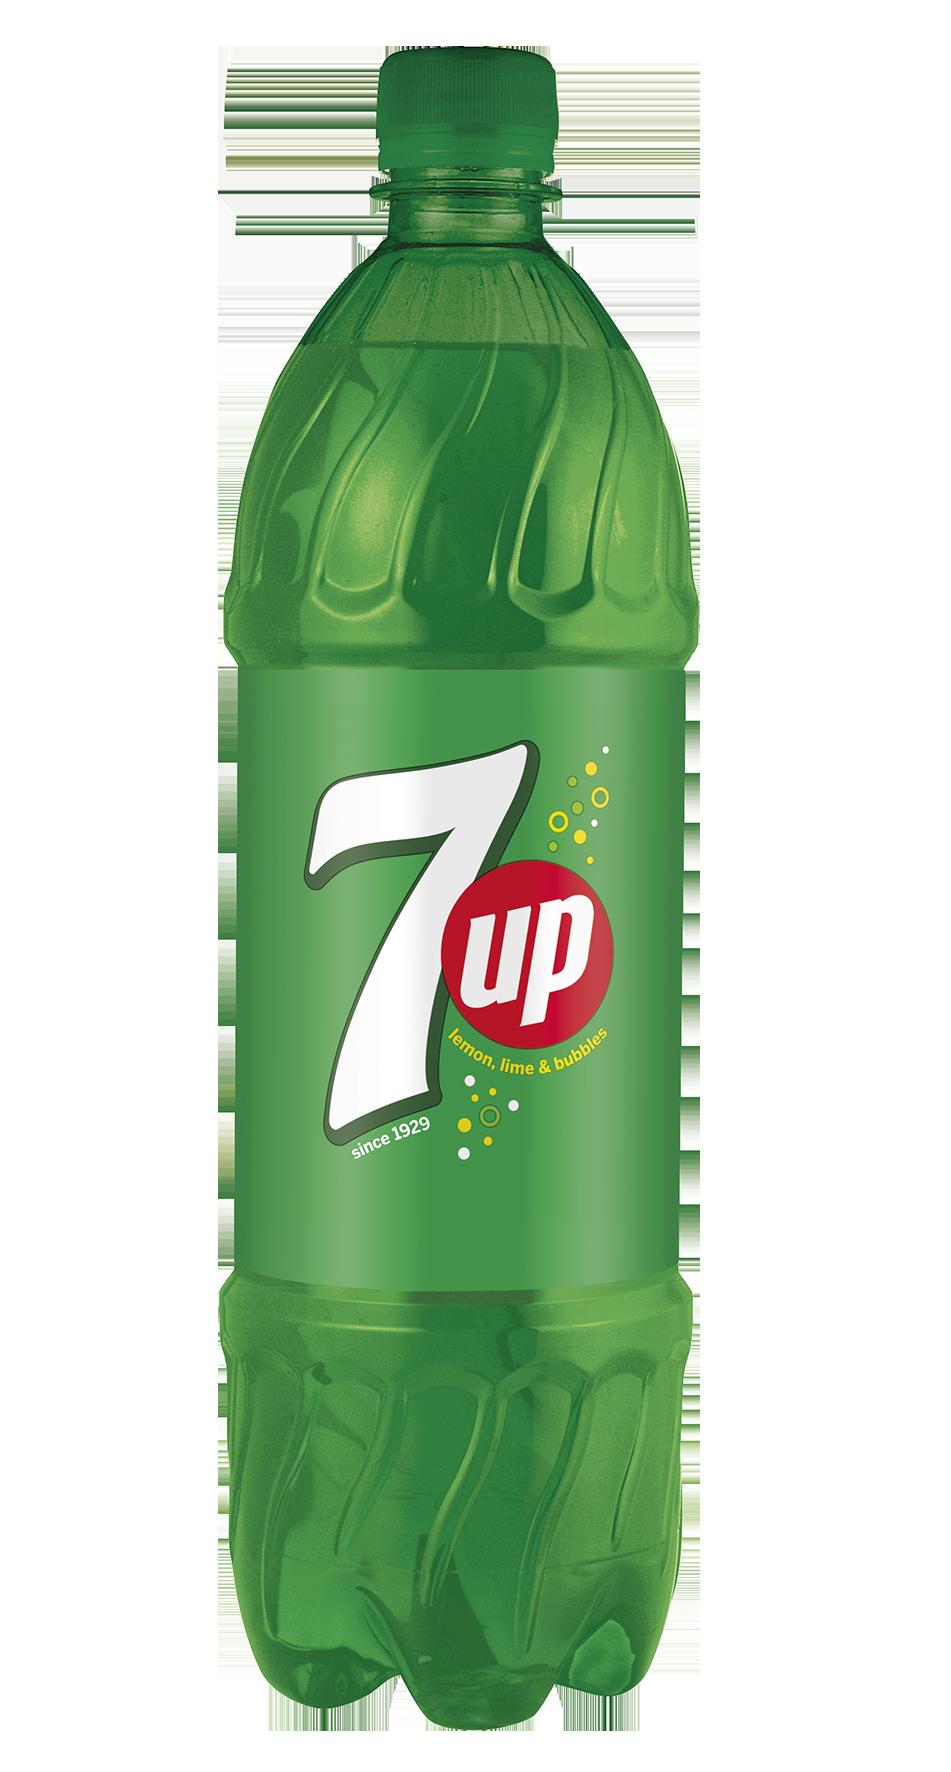 Litrová lahev limonády 7up